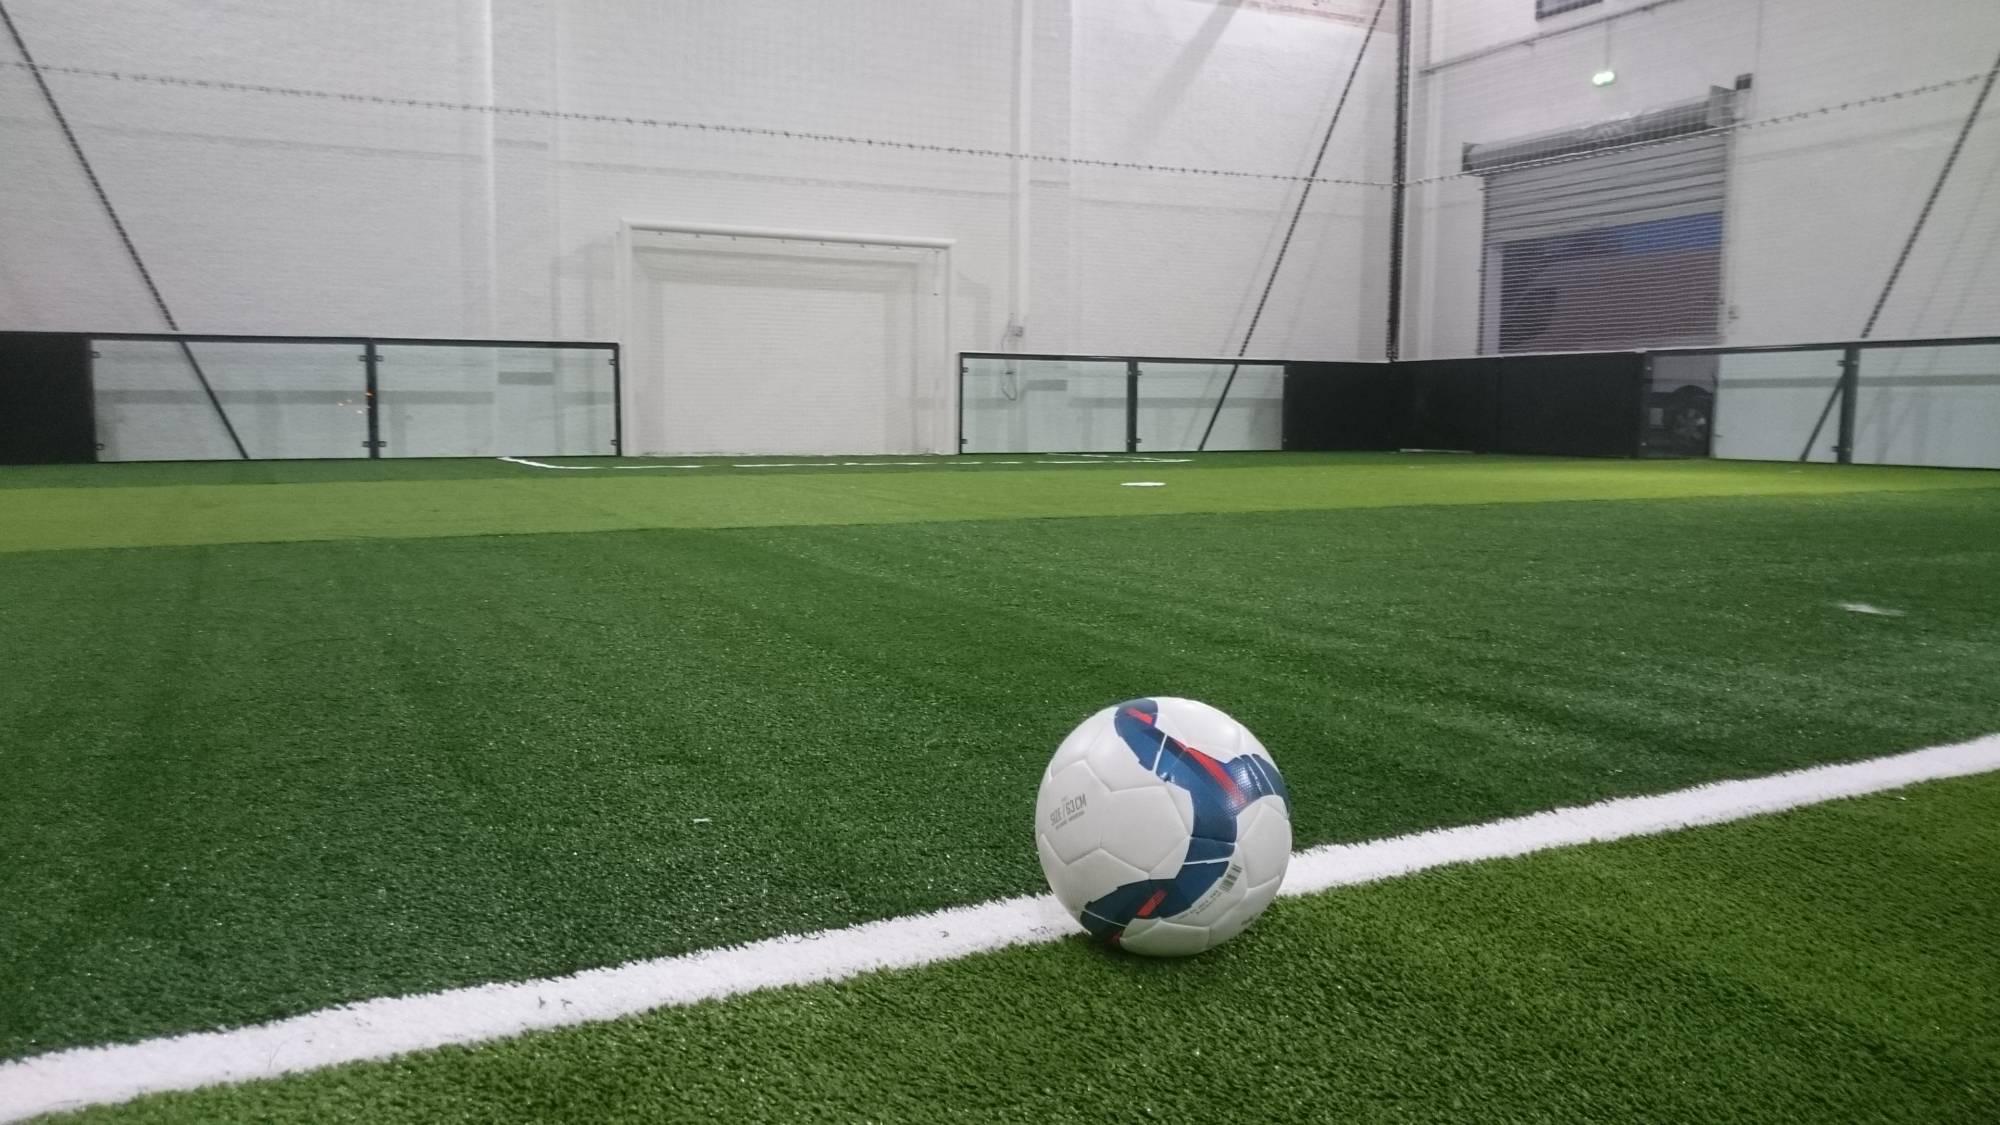 terrain de foot indoor dernière génération avec verre trempé 12 mm